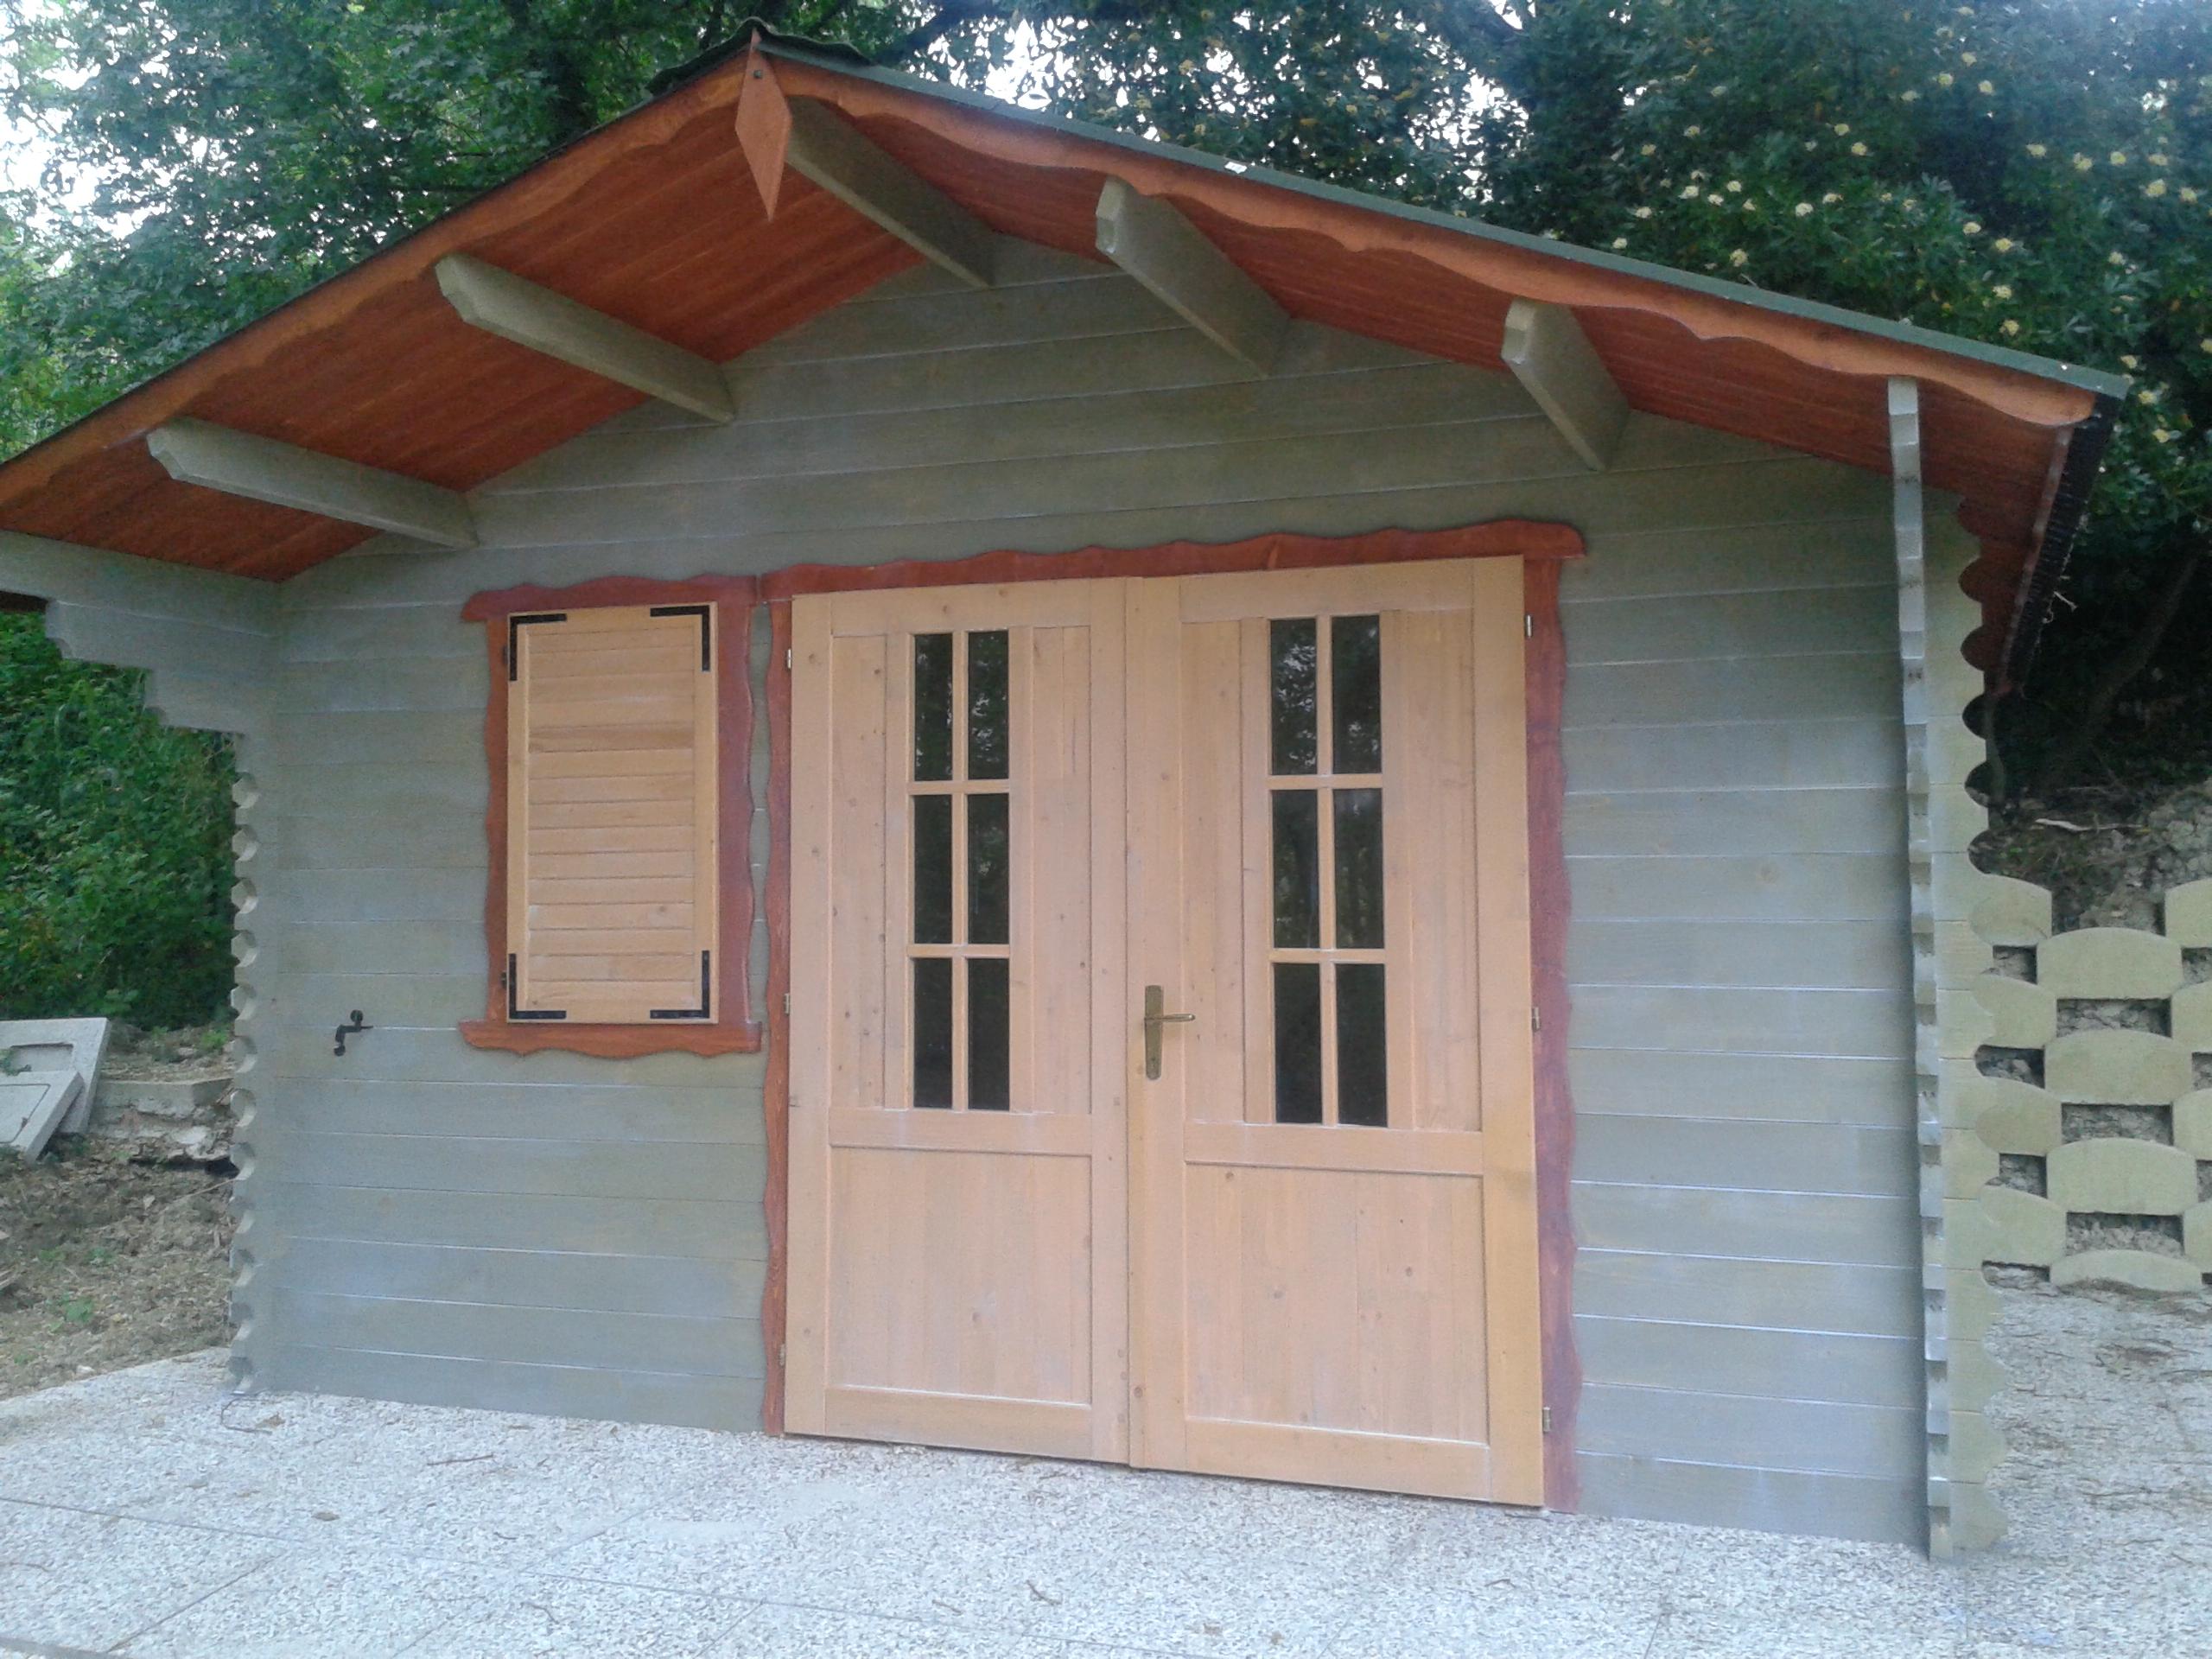 Casette in legno di abete 4x4 mt case in legno for Casette di legno